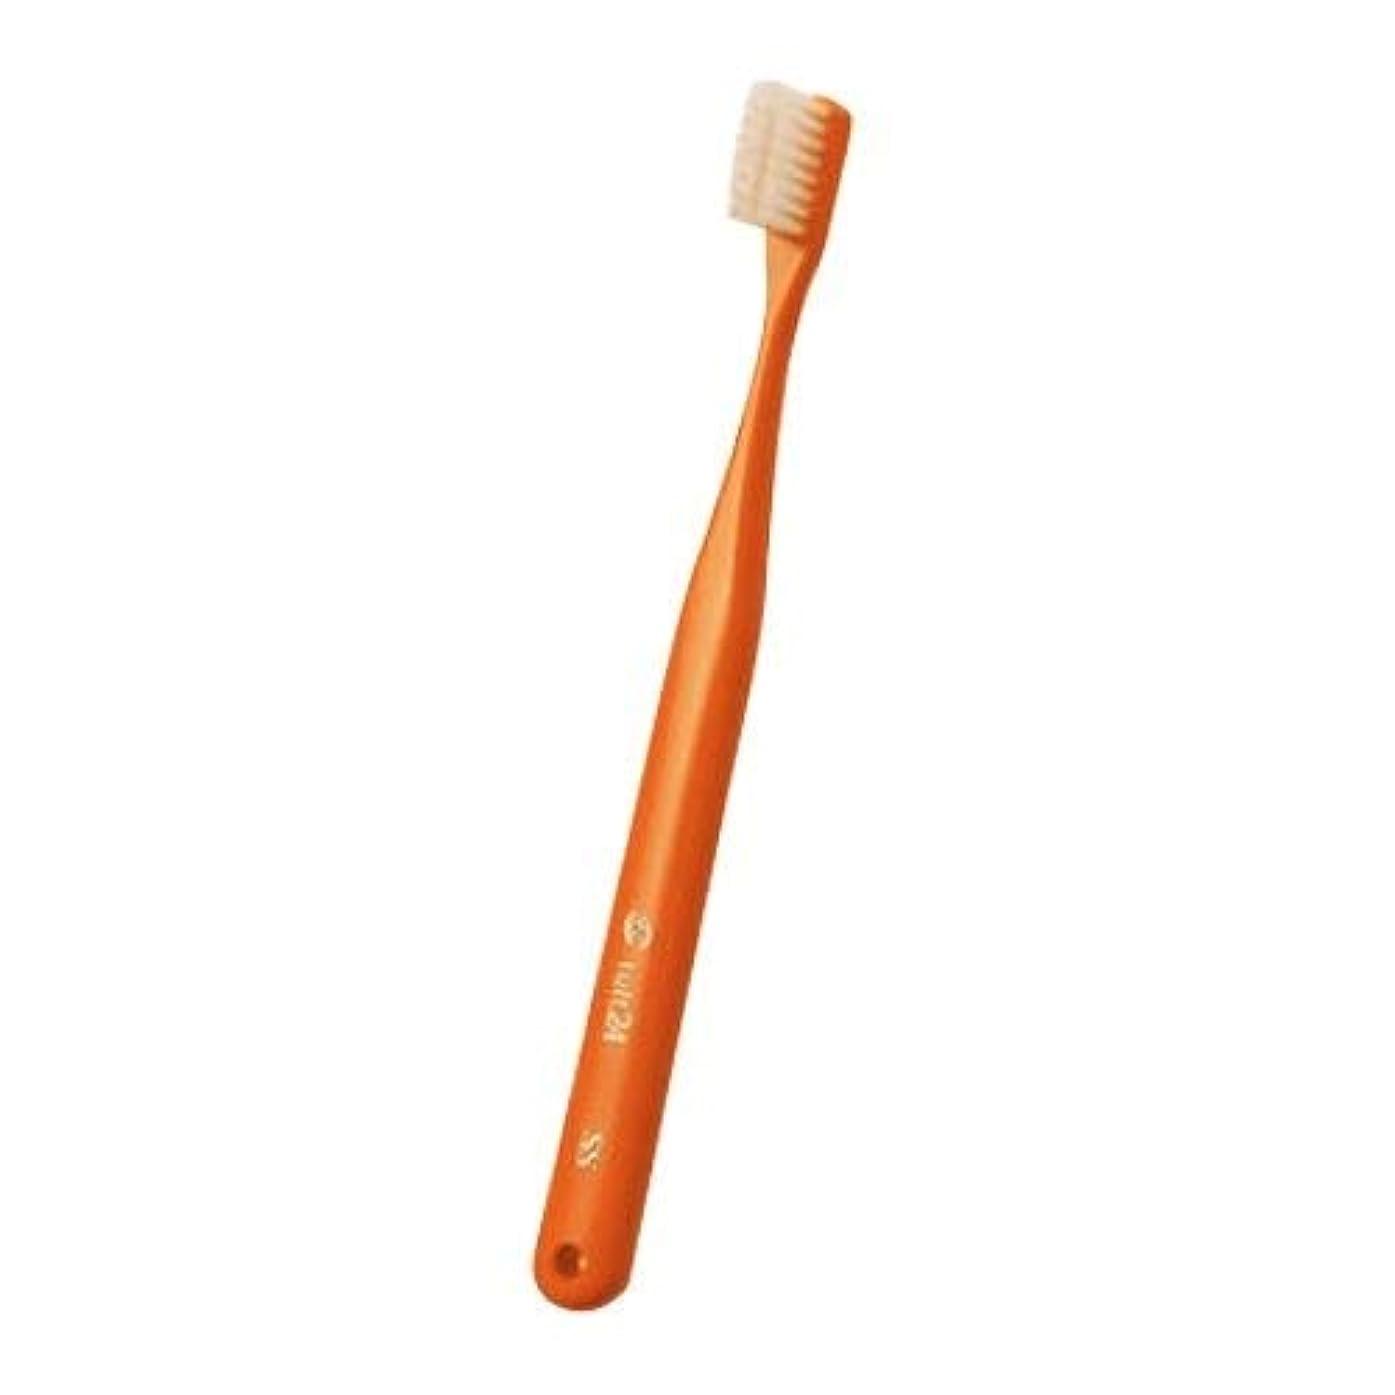 悪化する自伝市民オーラルケア キャップ付き タフト 24 歯ブラシ スーパーソフト 1本 (オレンジ)